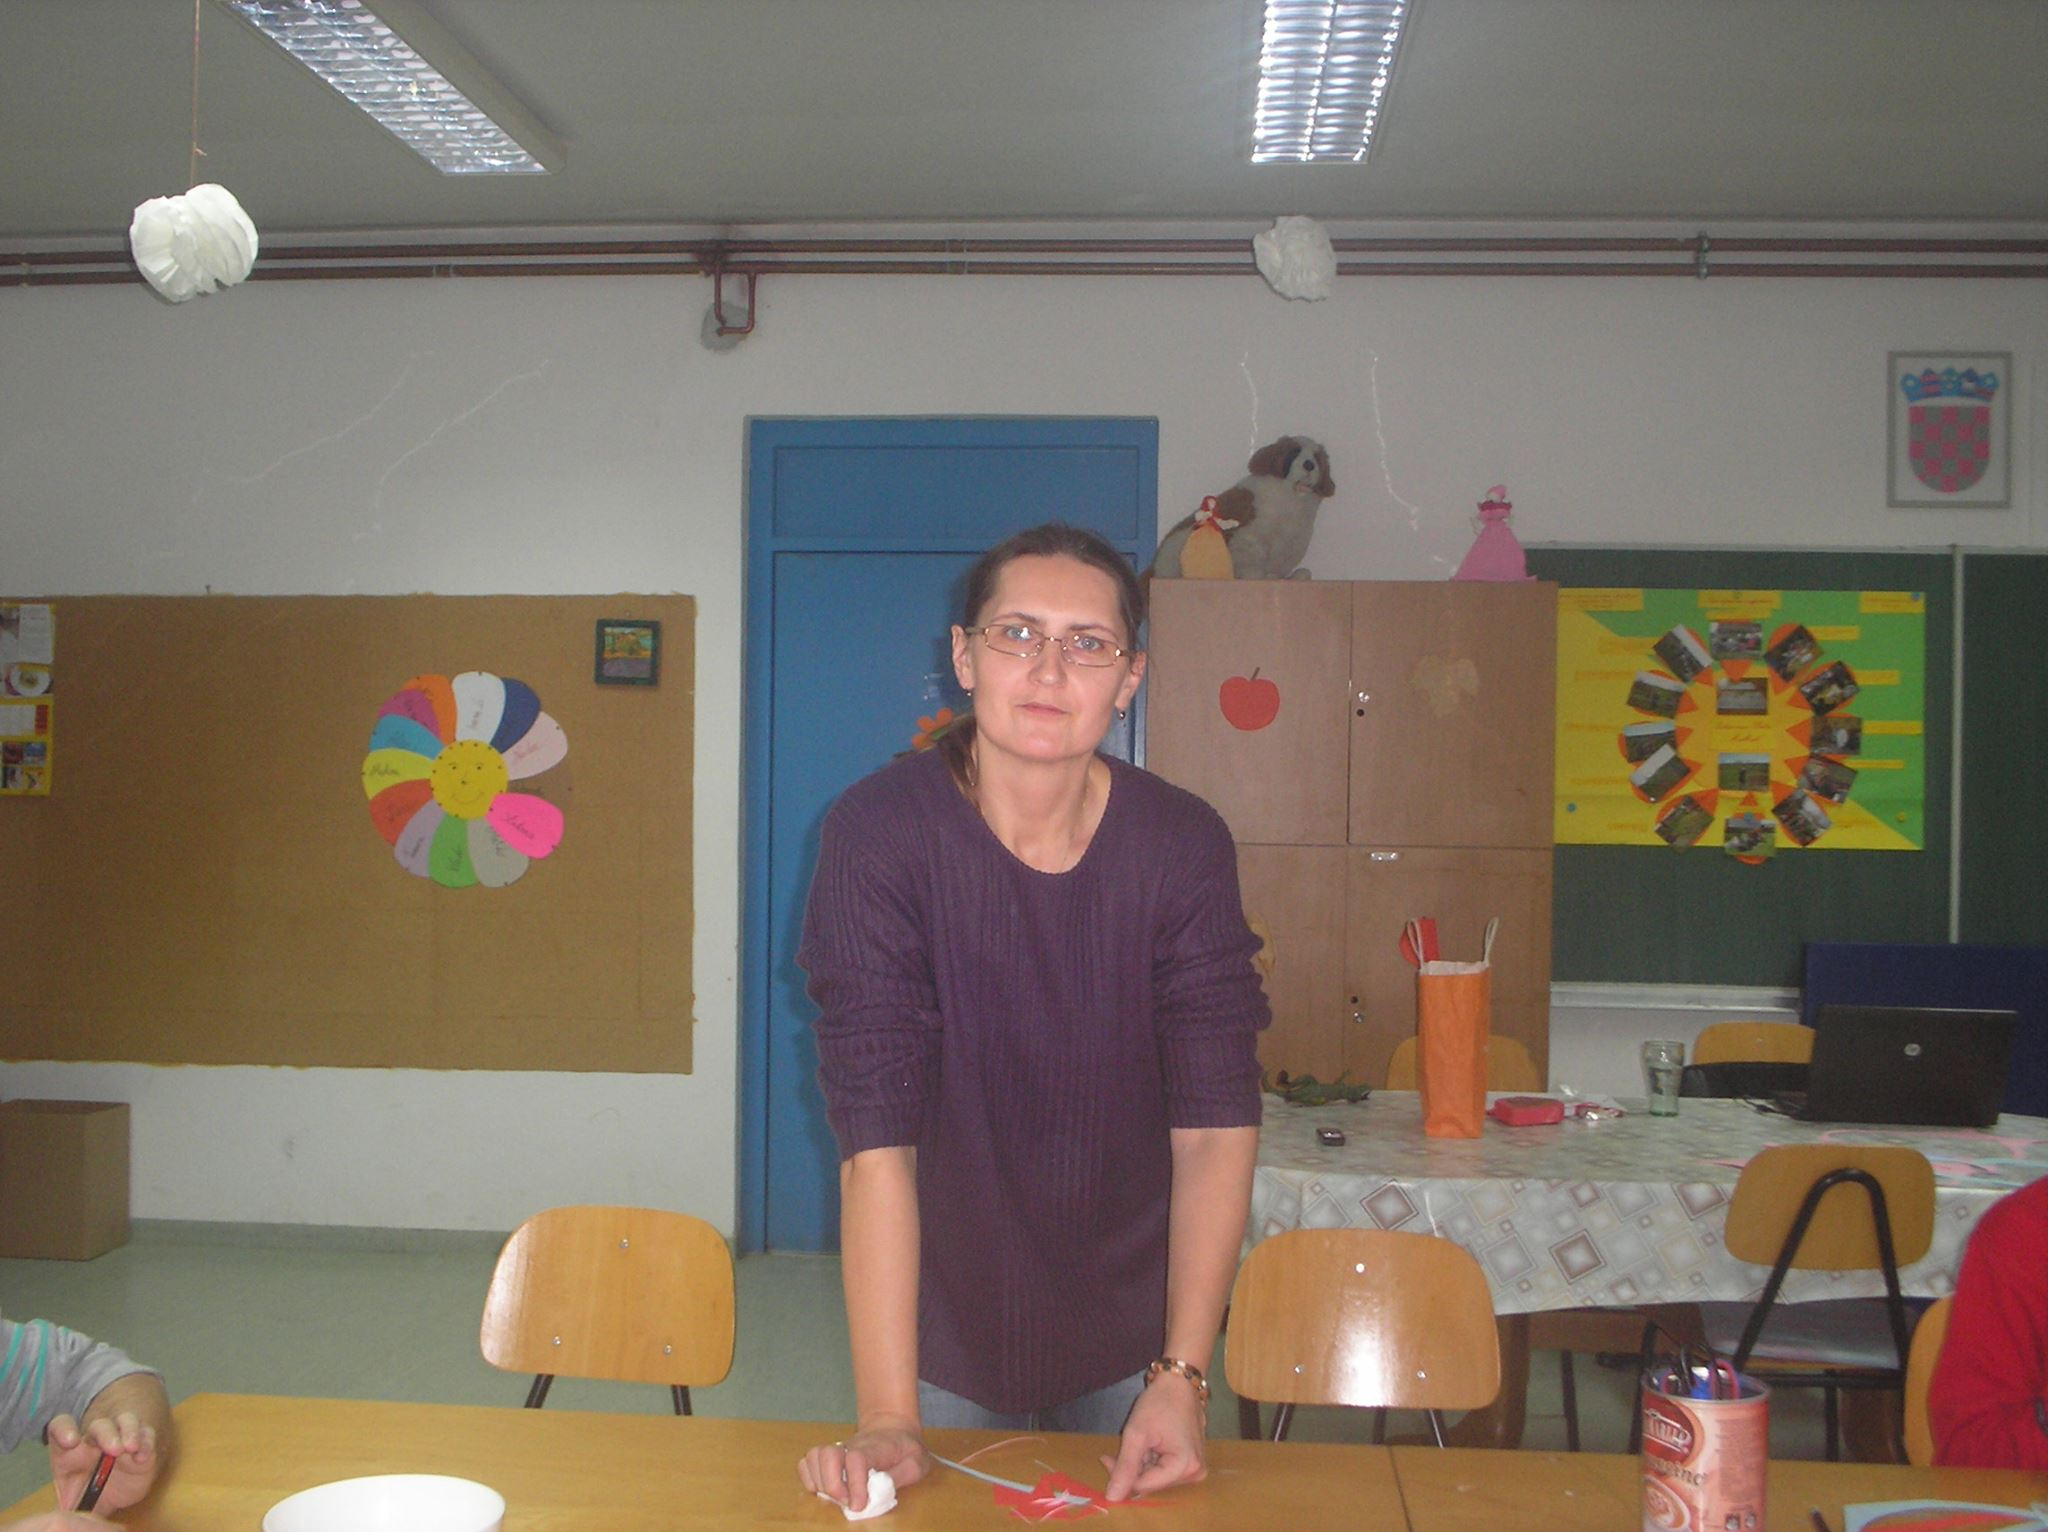 1149098_594453490642869_1290062076_o-udruga-maslacak-tamara-premus